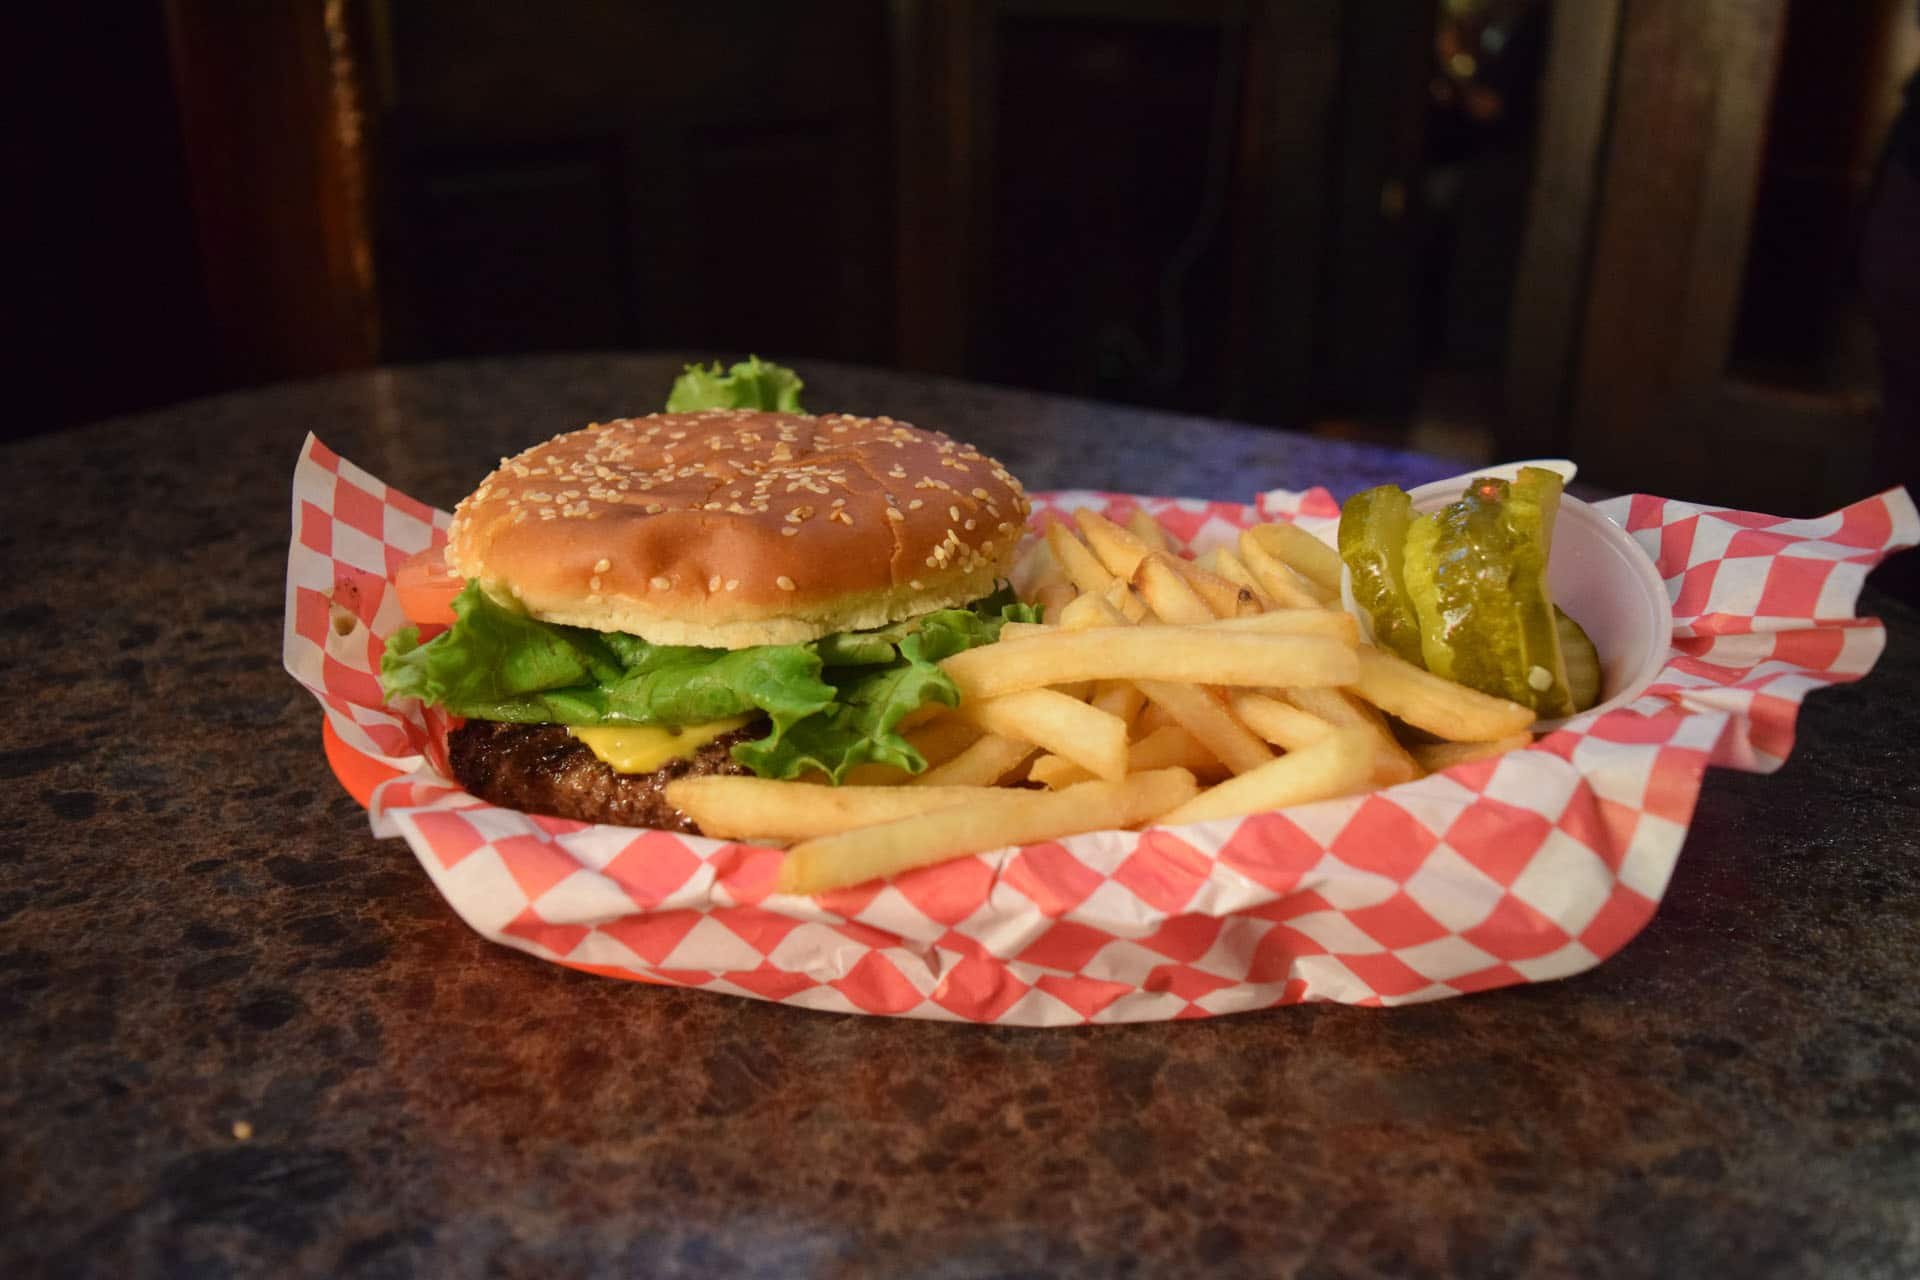 best burger in kenosha, rons place, kenosha burgers